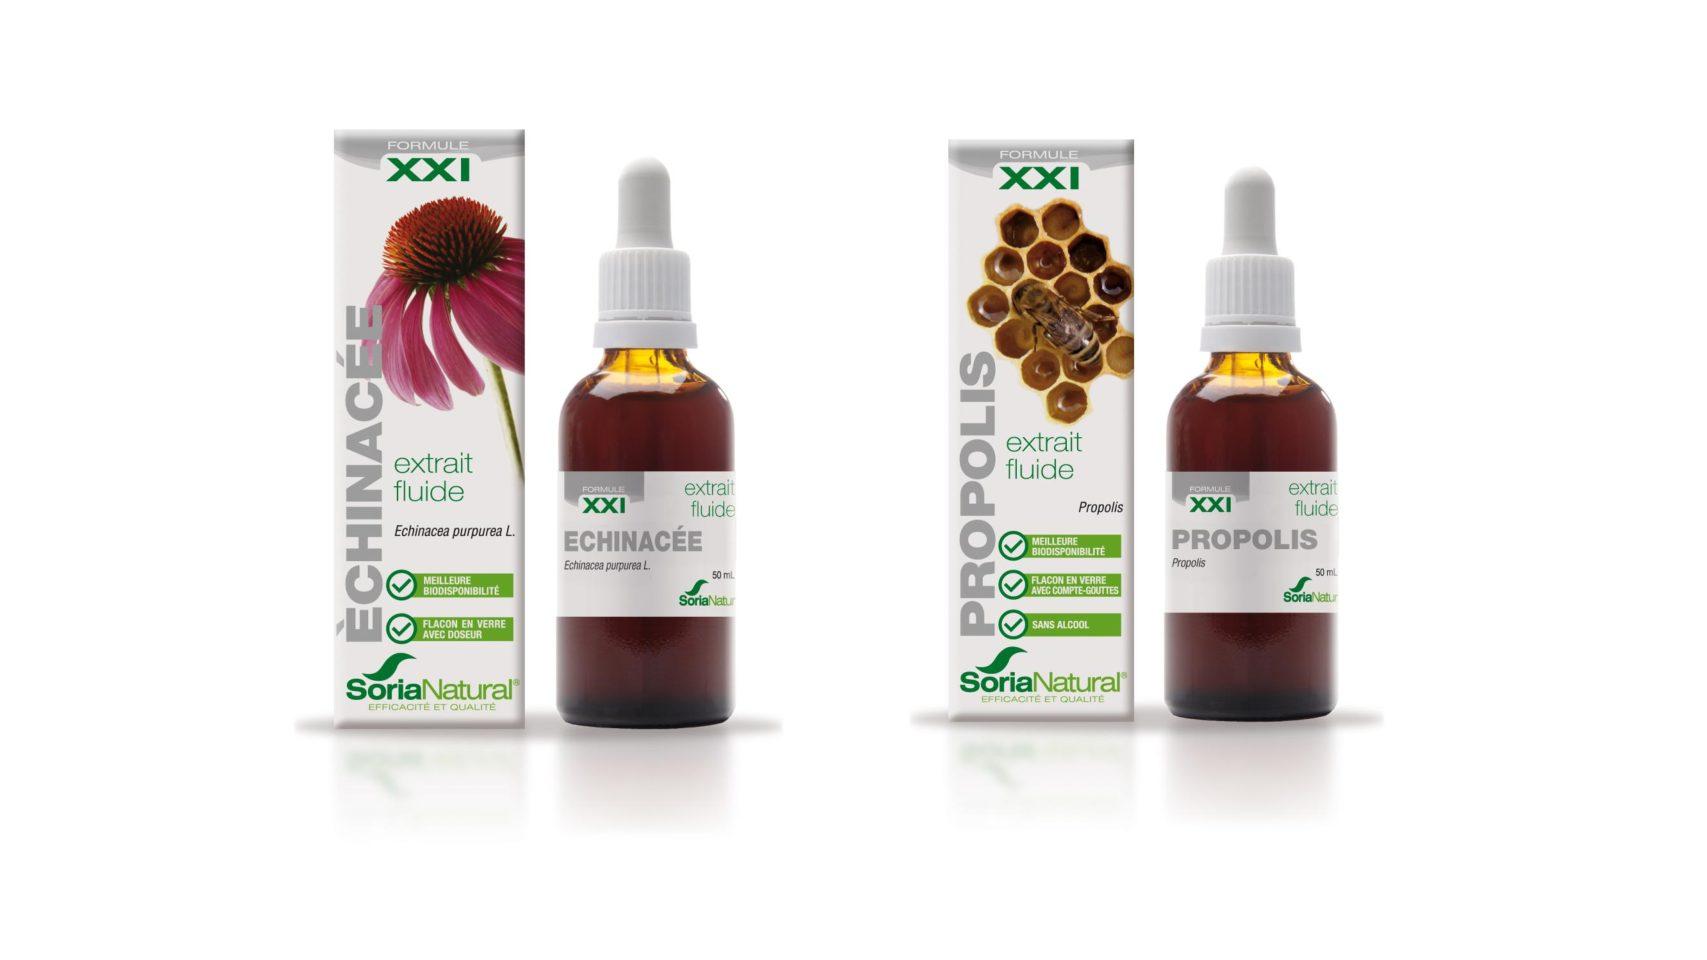 Présentation pack immunité echinacée-propolis